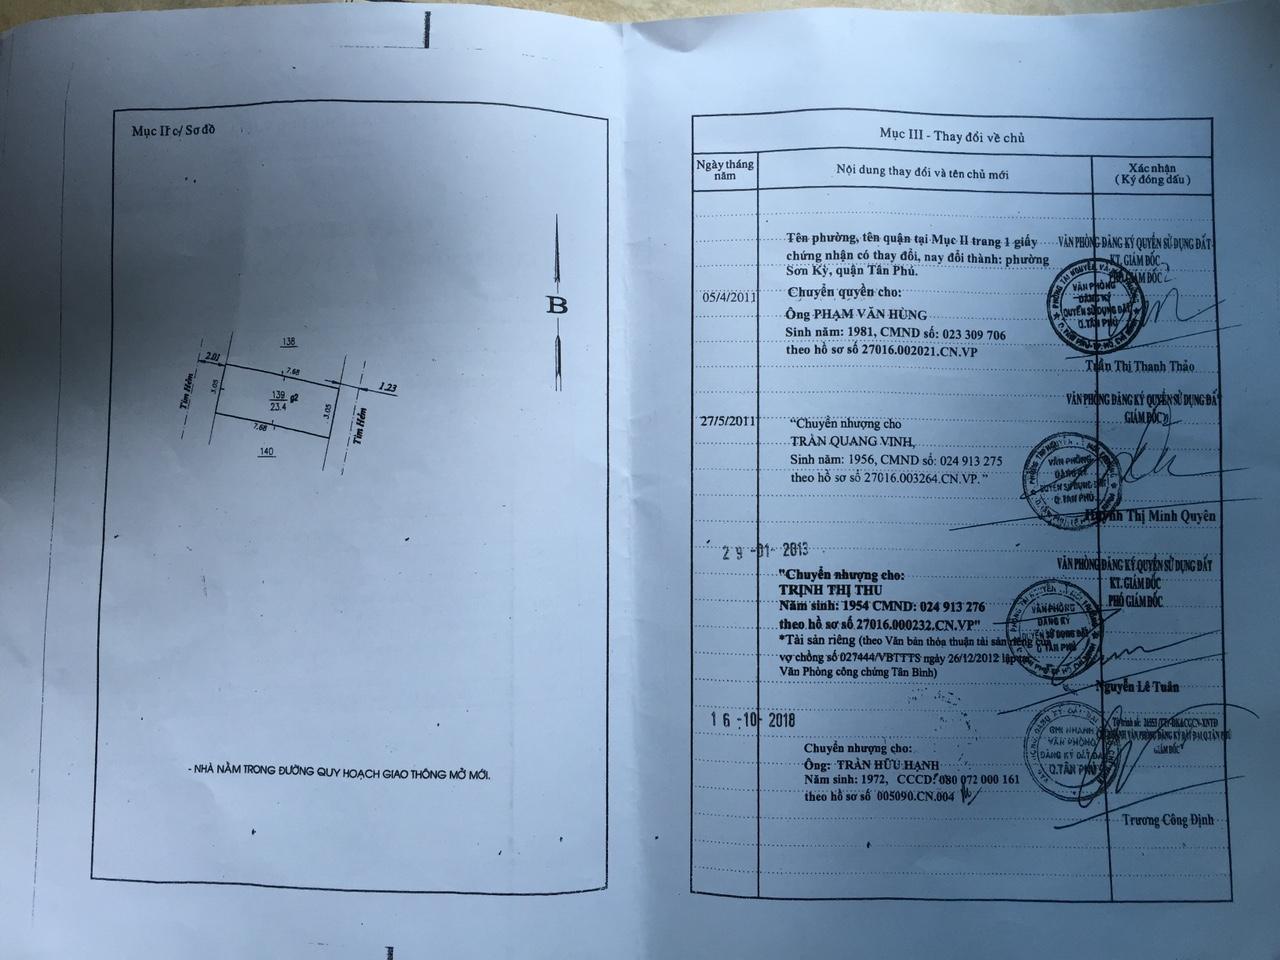 Bán nhà hẻm Bờ Bao Tân Thắng Quận Tân Phú, nhà hai mặt tiền hẻm 79, diện tích 3m x 8m, 1 trệt 1 lầu đúc giả, giá chính chủ 2,45 tỷ TL nhẹ.2